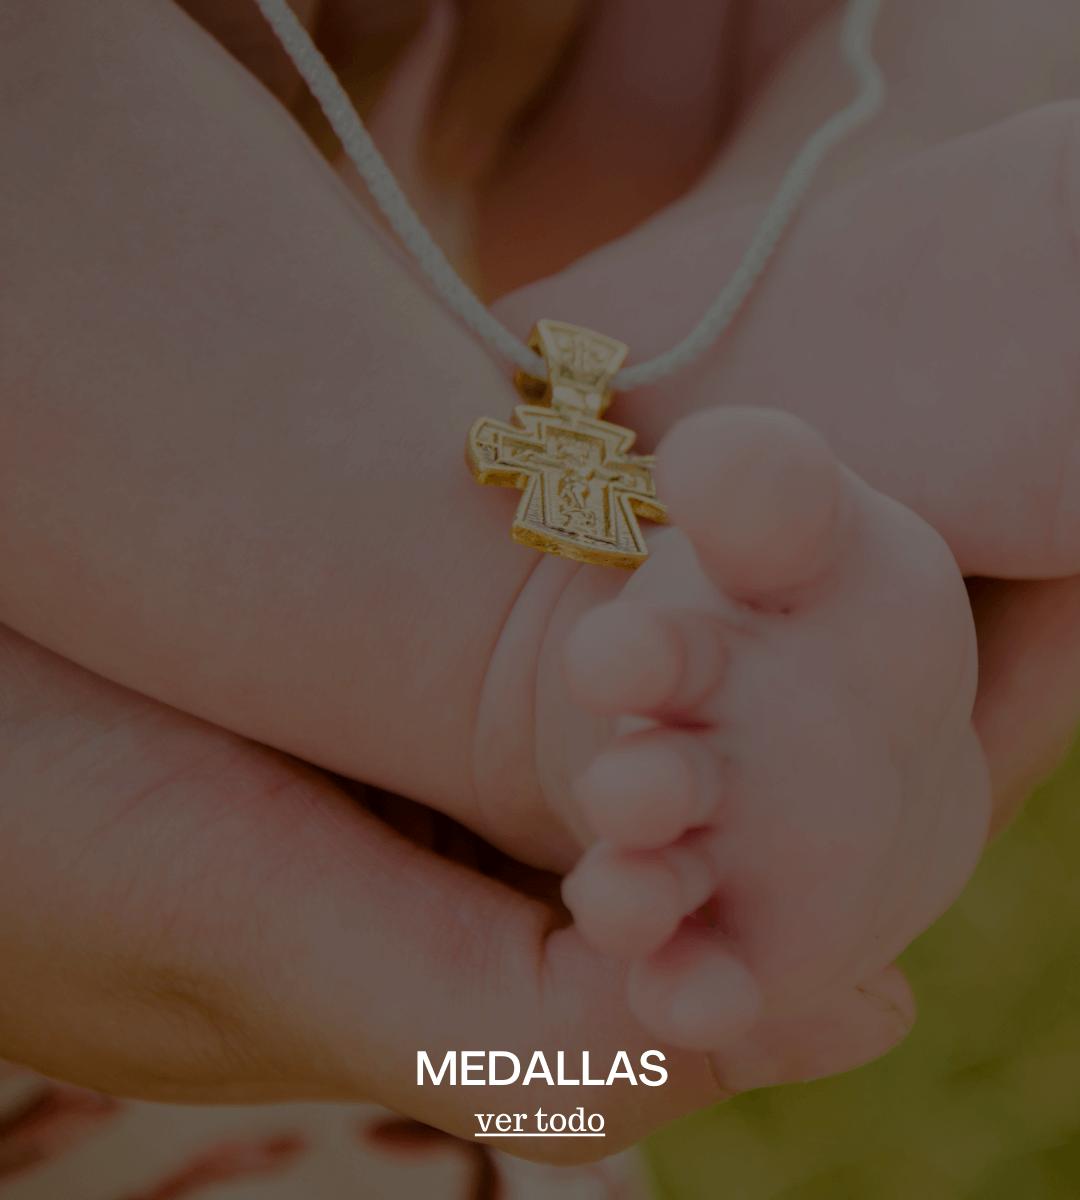 medallas-bebe-general